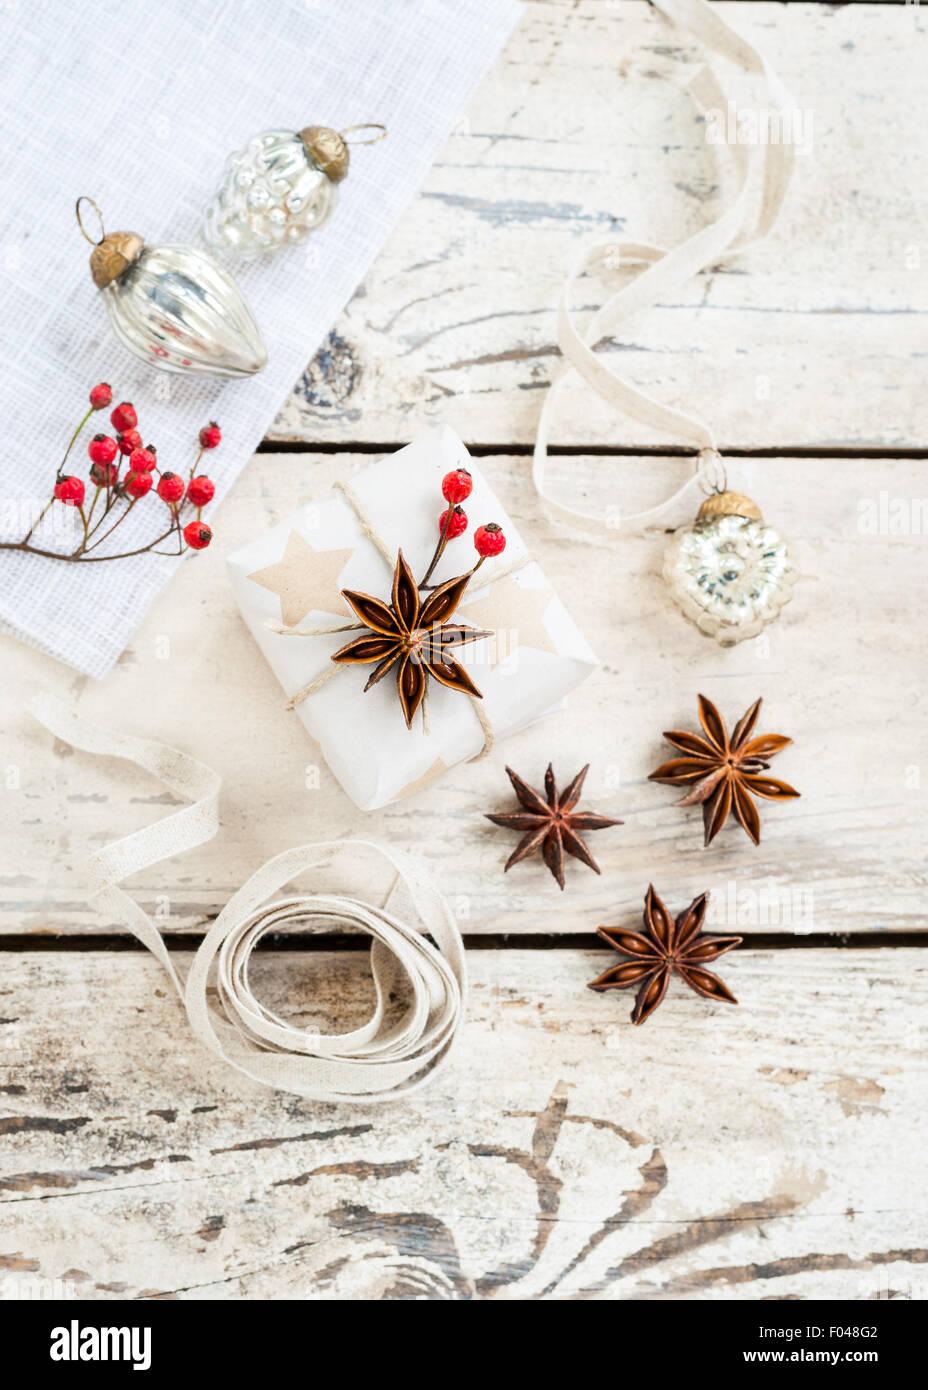 einfache natürliche Weihnachten Geschenkverpackung Stockbild